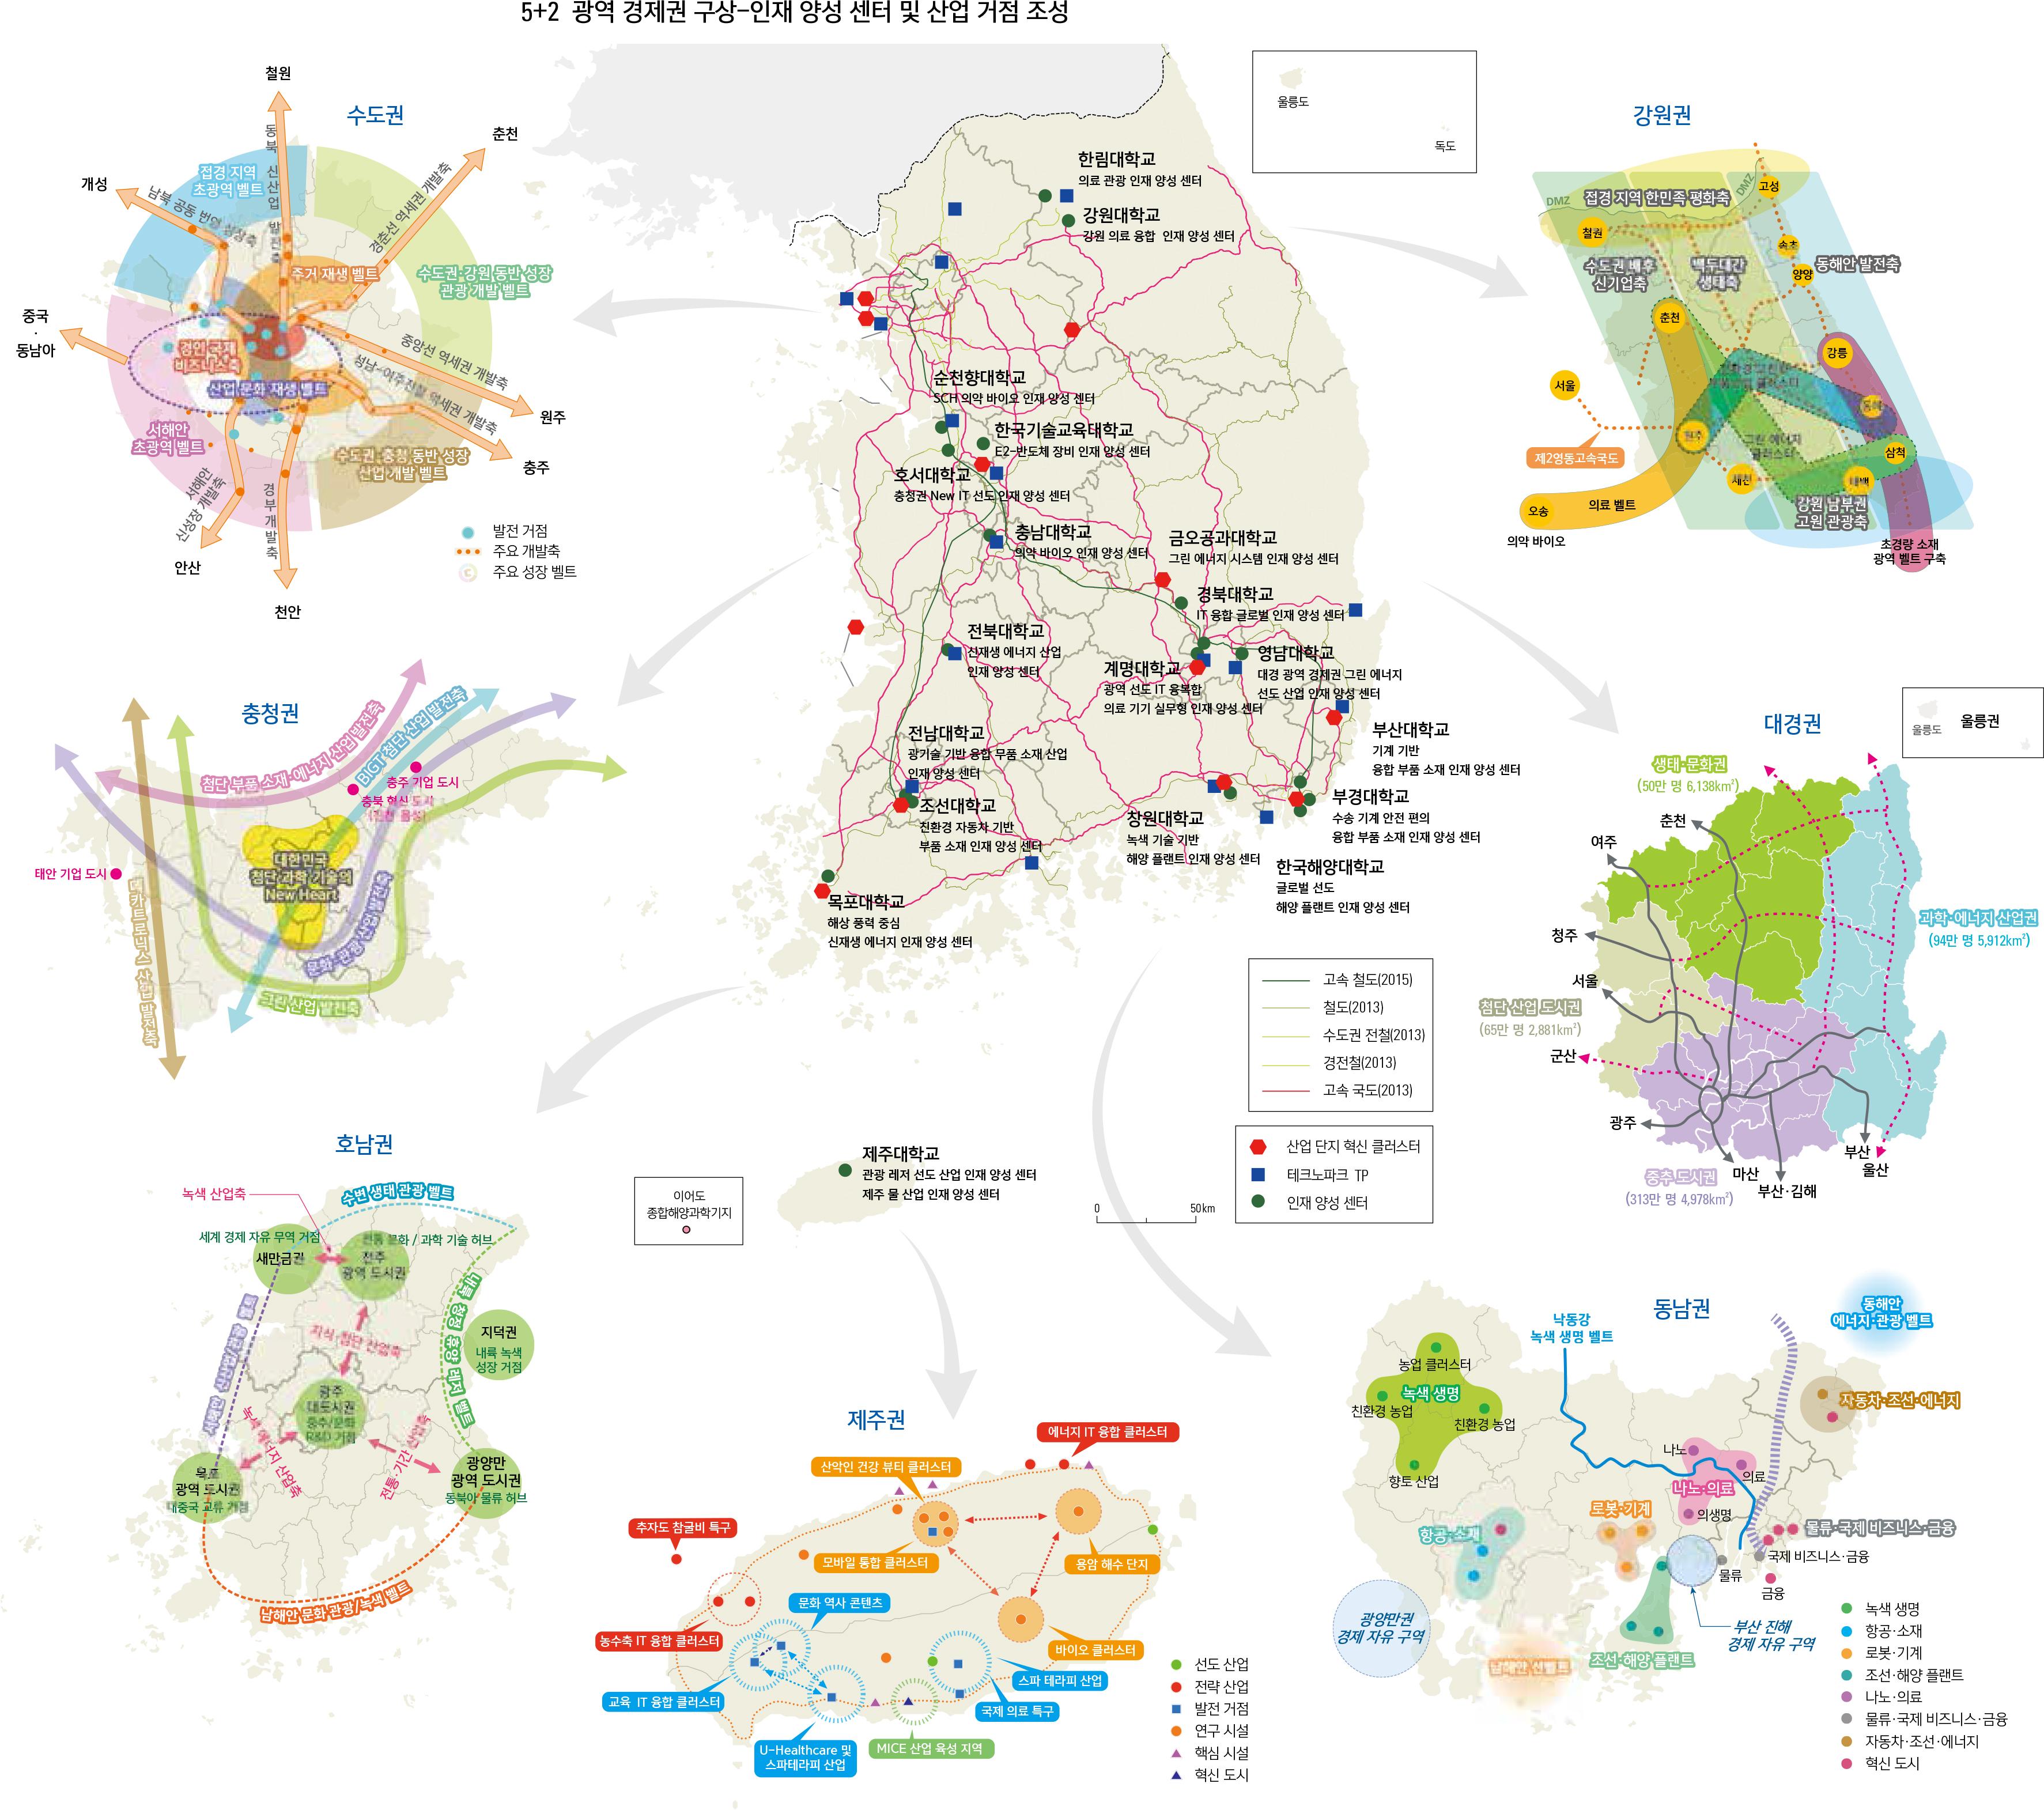 5+2광역경제권구상-인재양성센터및산업거점조성